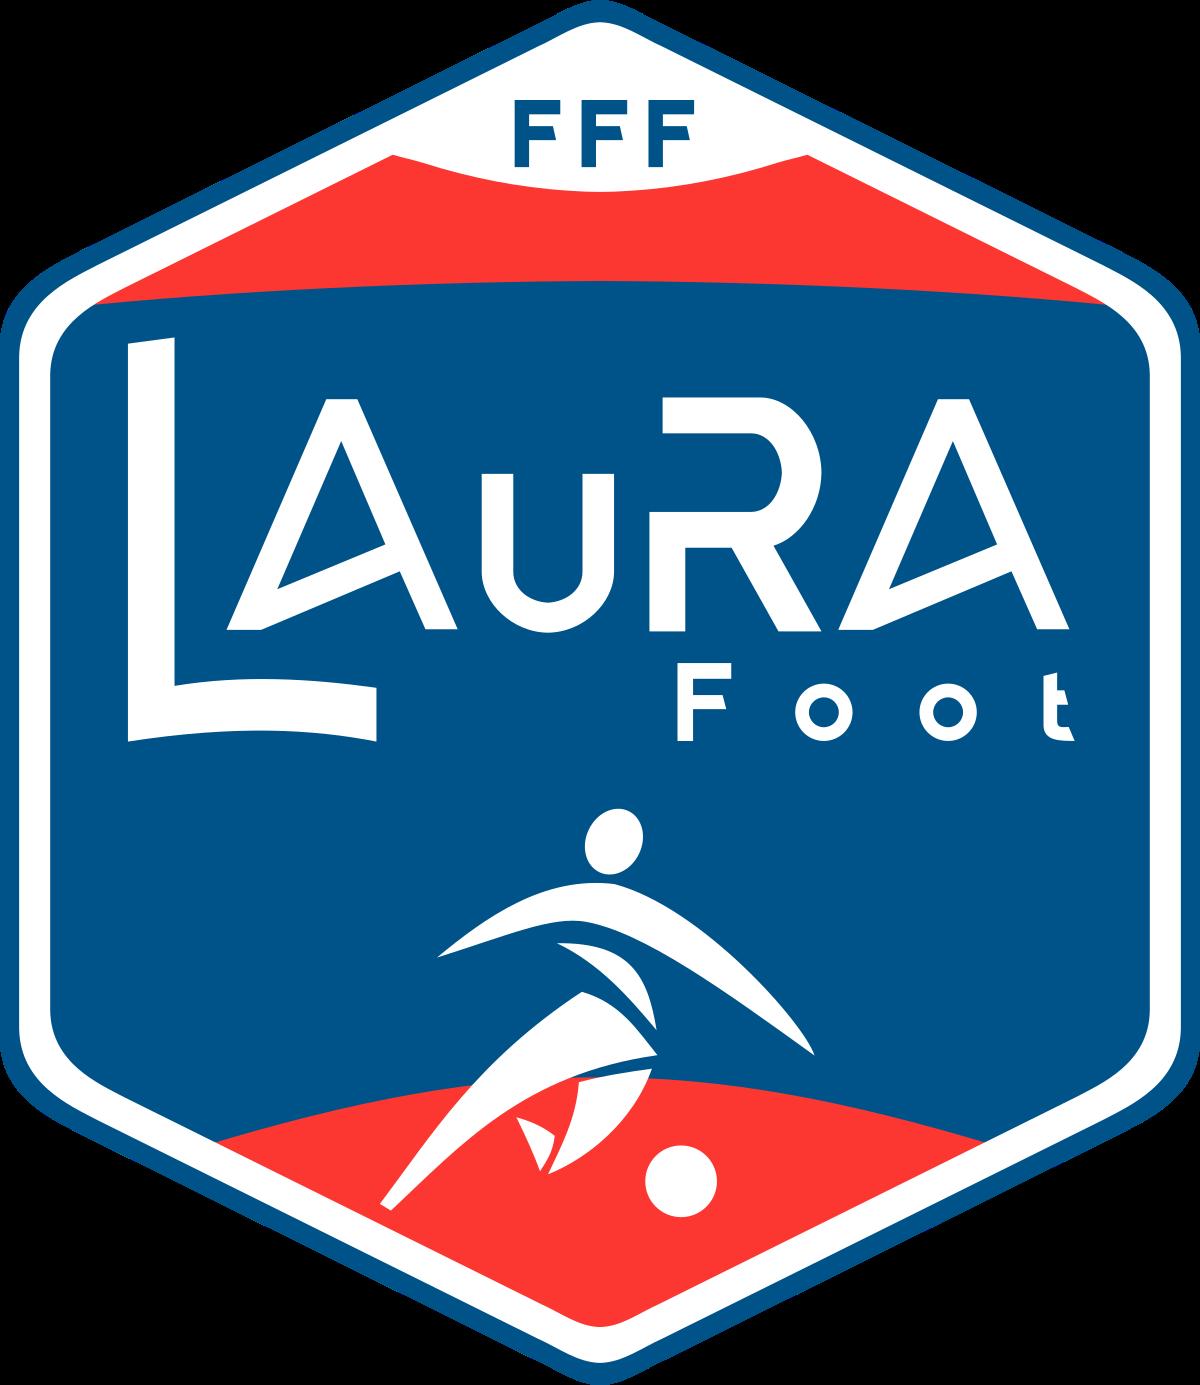 logo laura foot